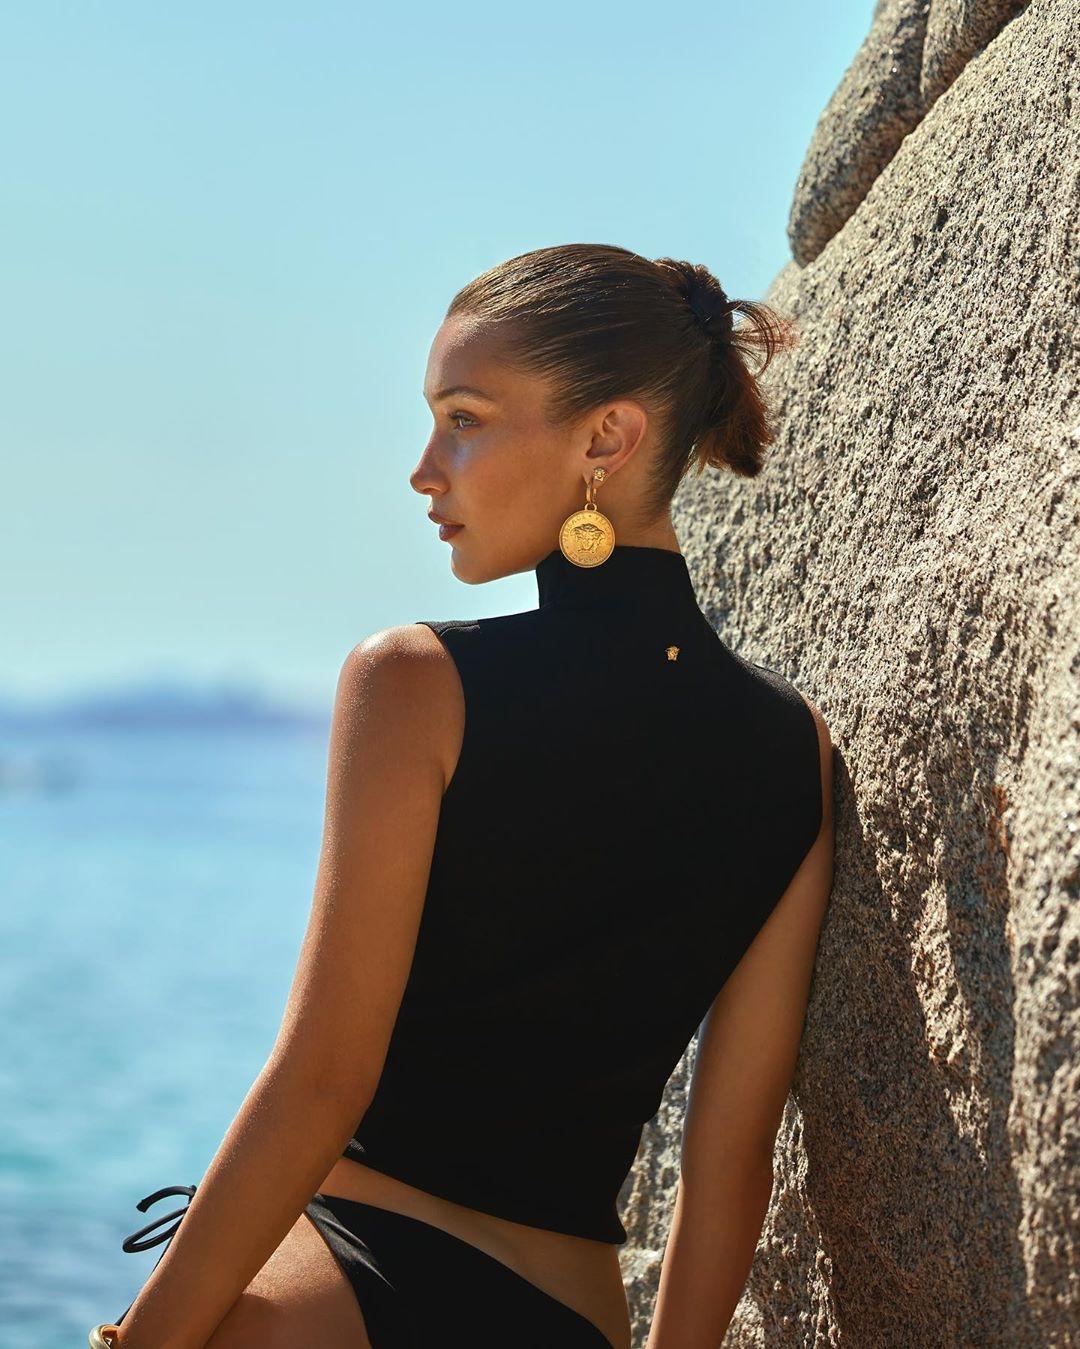 Мечты о лете: Белла Хадид в новой рекламной кампании Versace (ФОТО) - фото №3